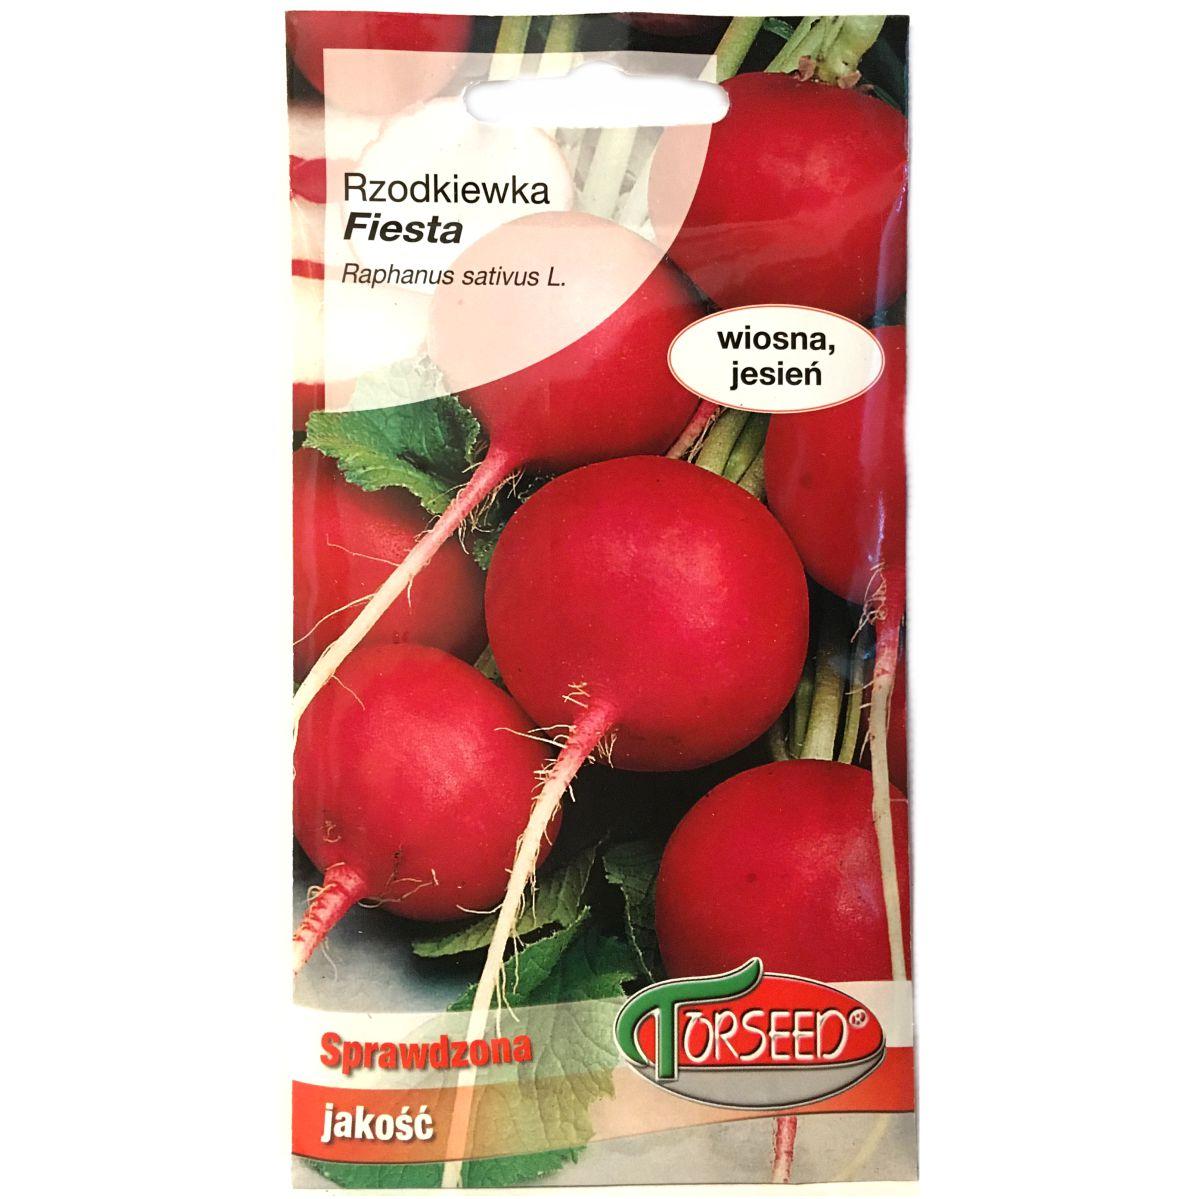 Rzodkiewka Fiesta nasiona Torseed